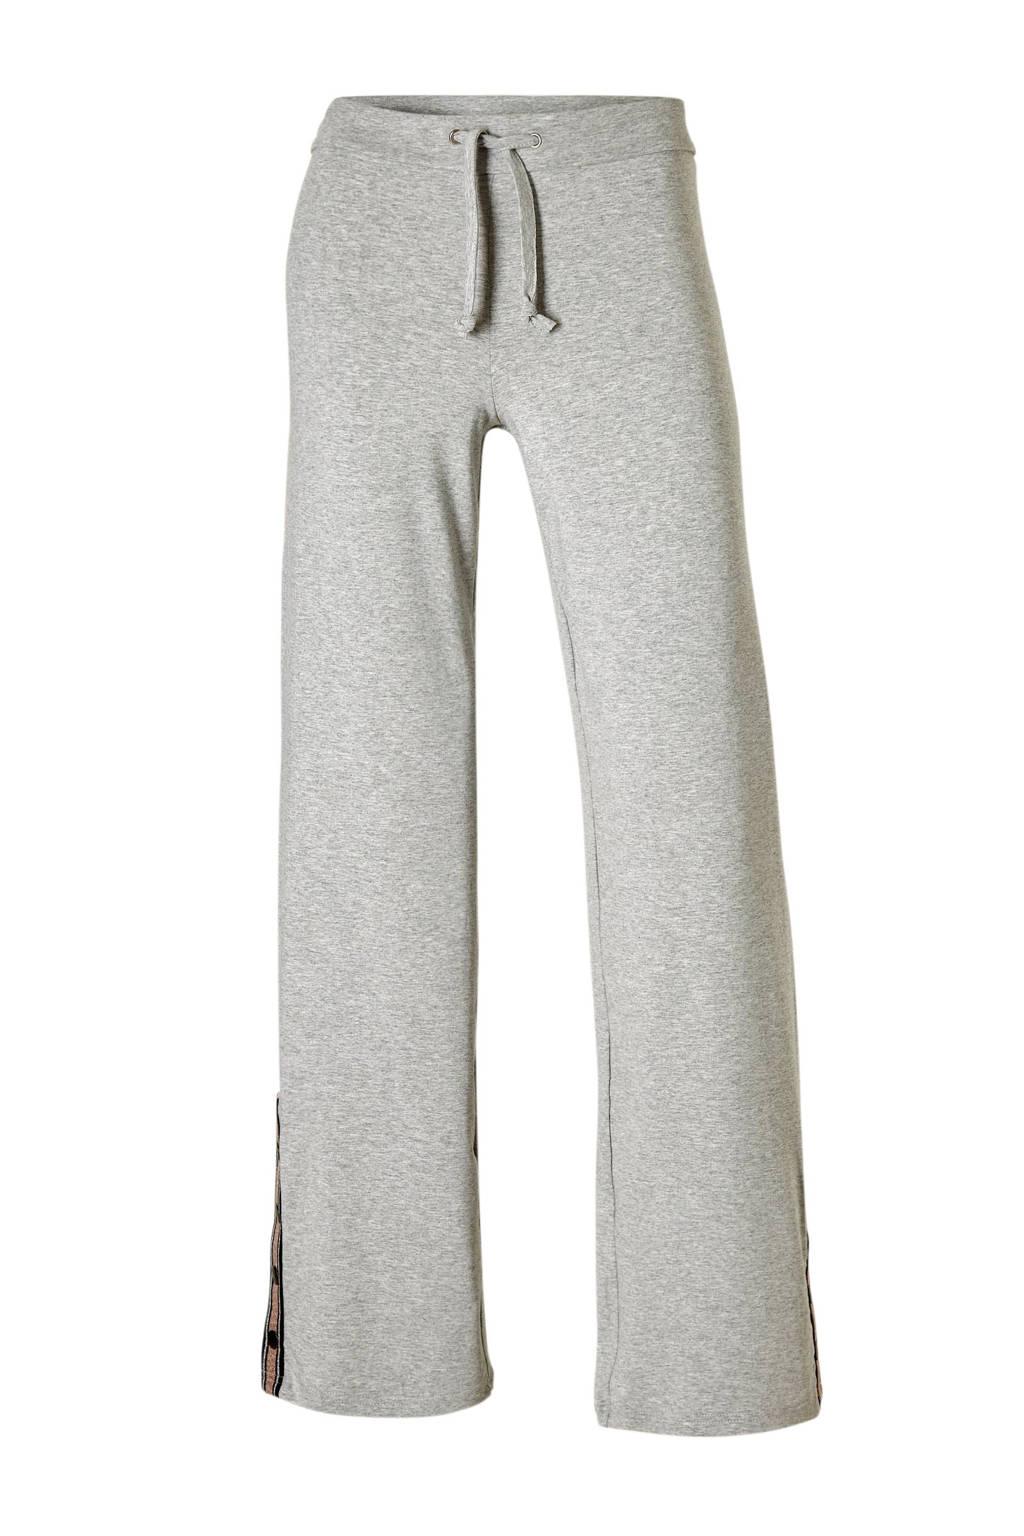 Papillon sportbroek grijs, Grijs melange/koper/zilver/zwart